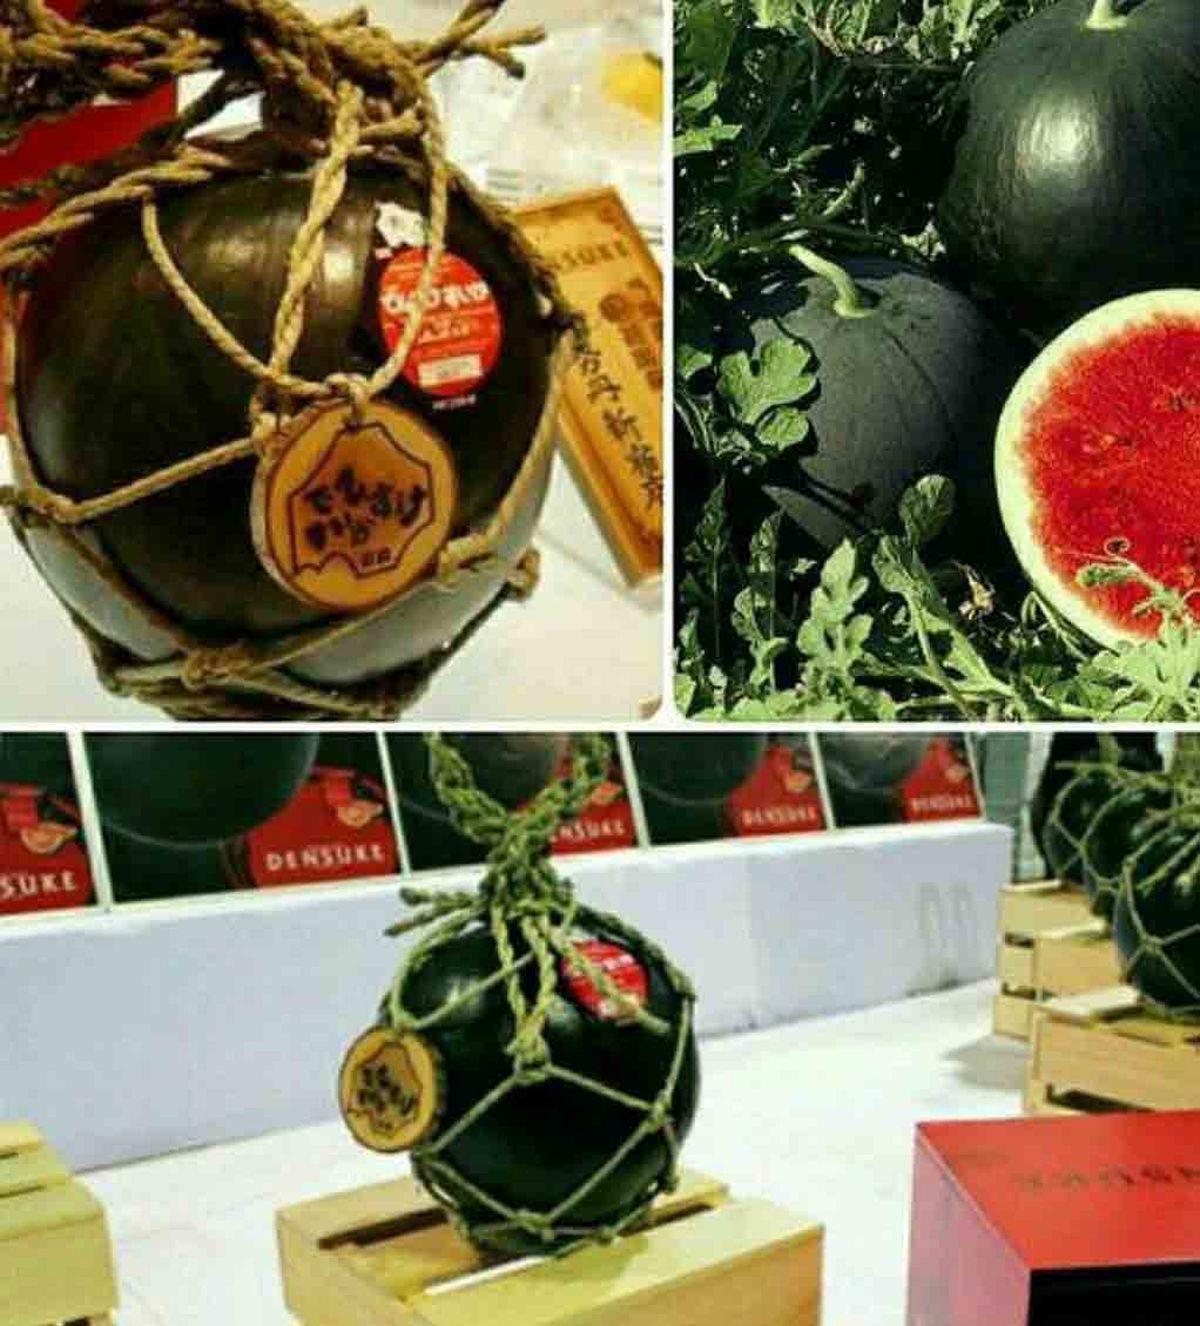 بهترین هندوانه دنیا به قیمت 6 هزار دلار